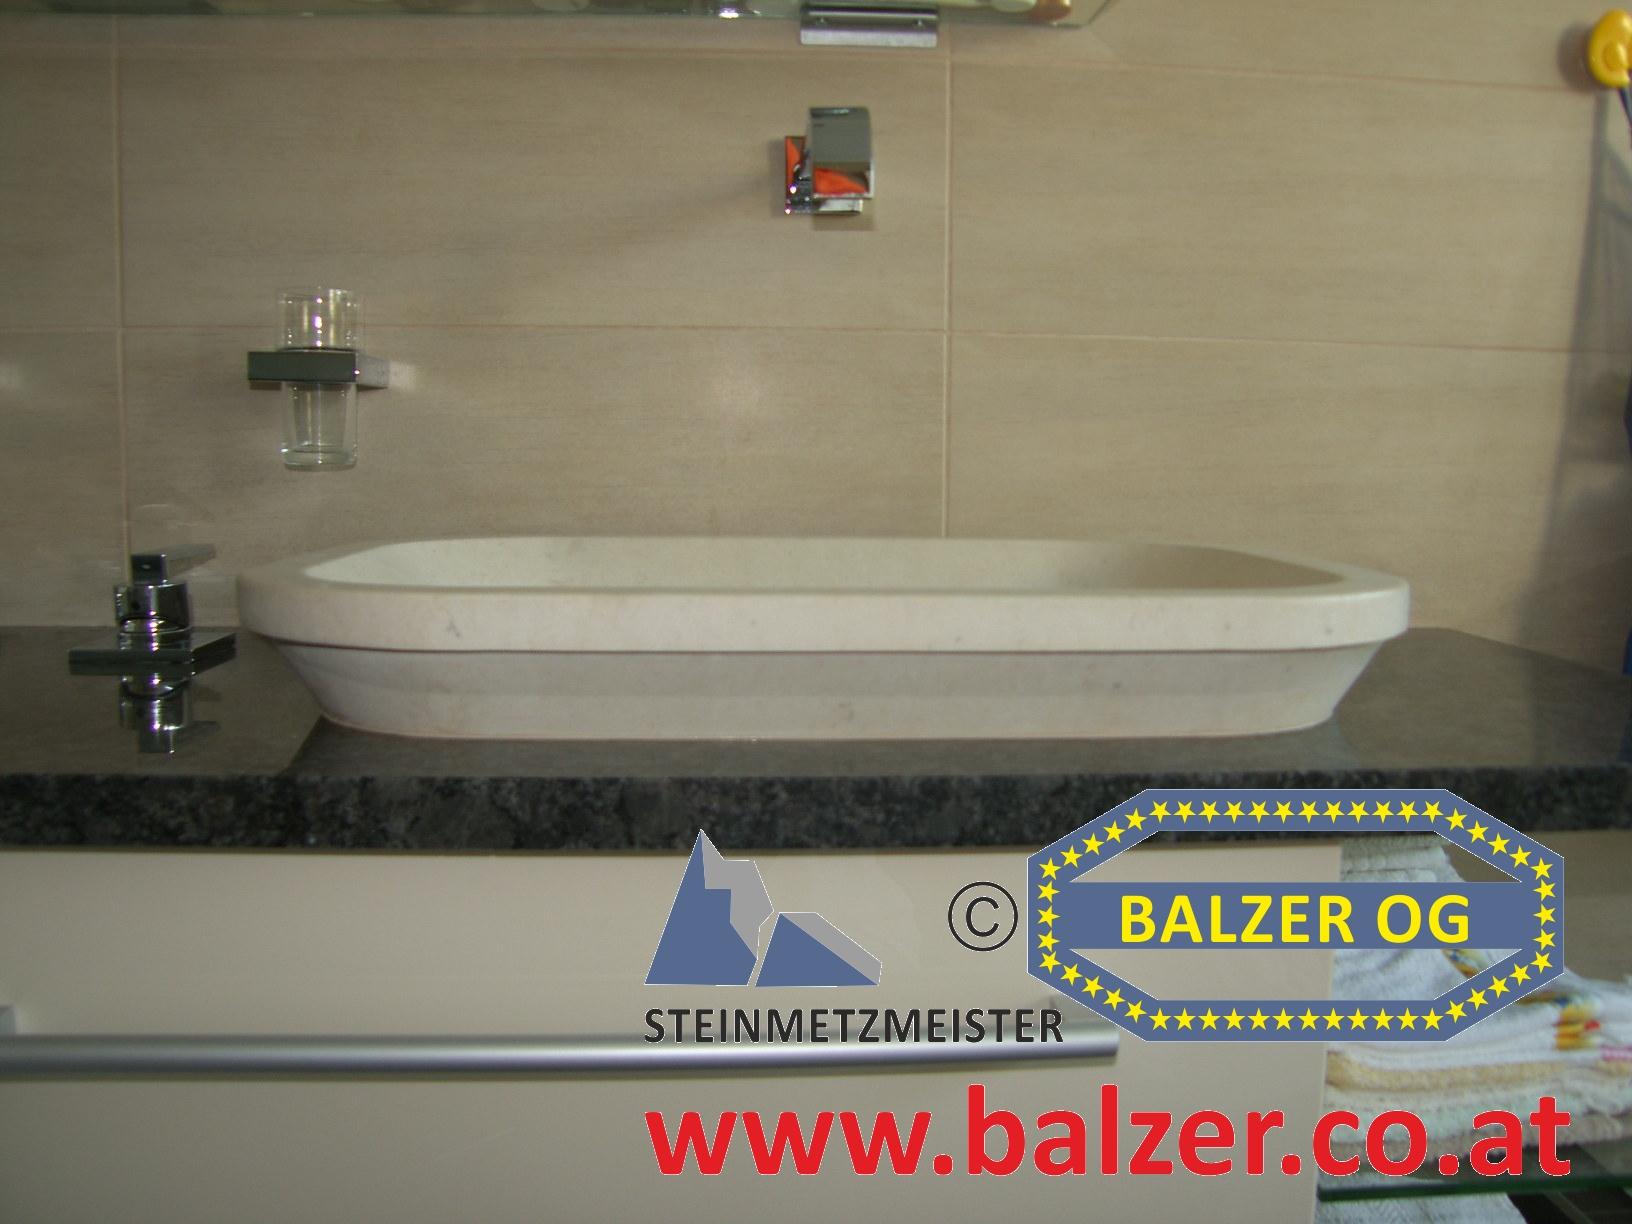 waschtischplatten & waschbecken - balzer og